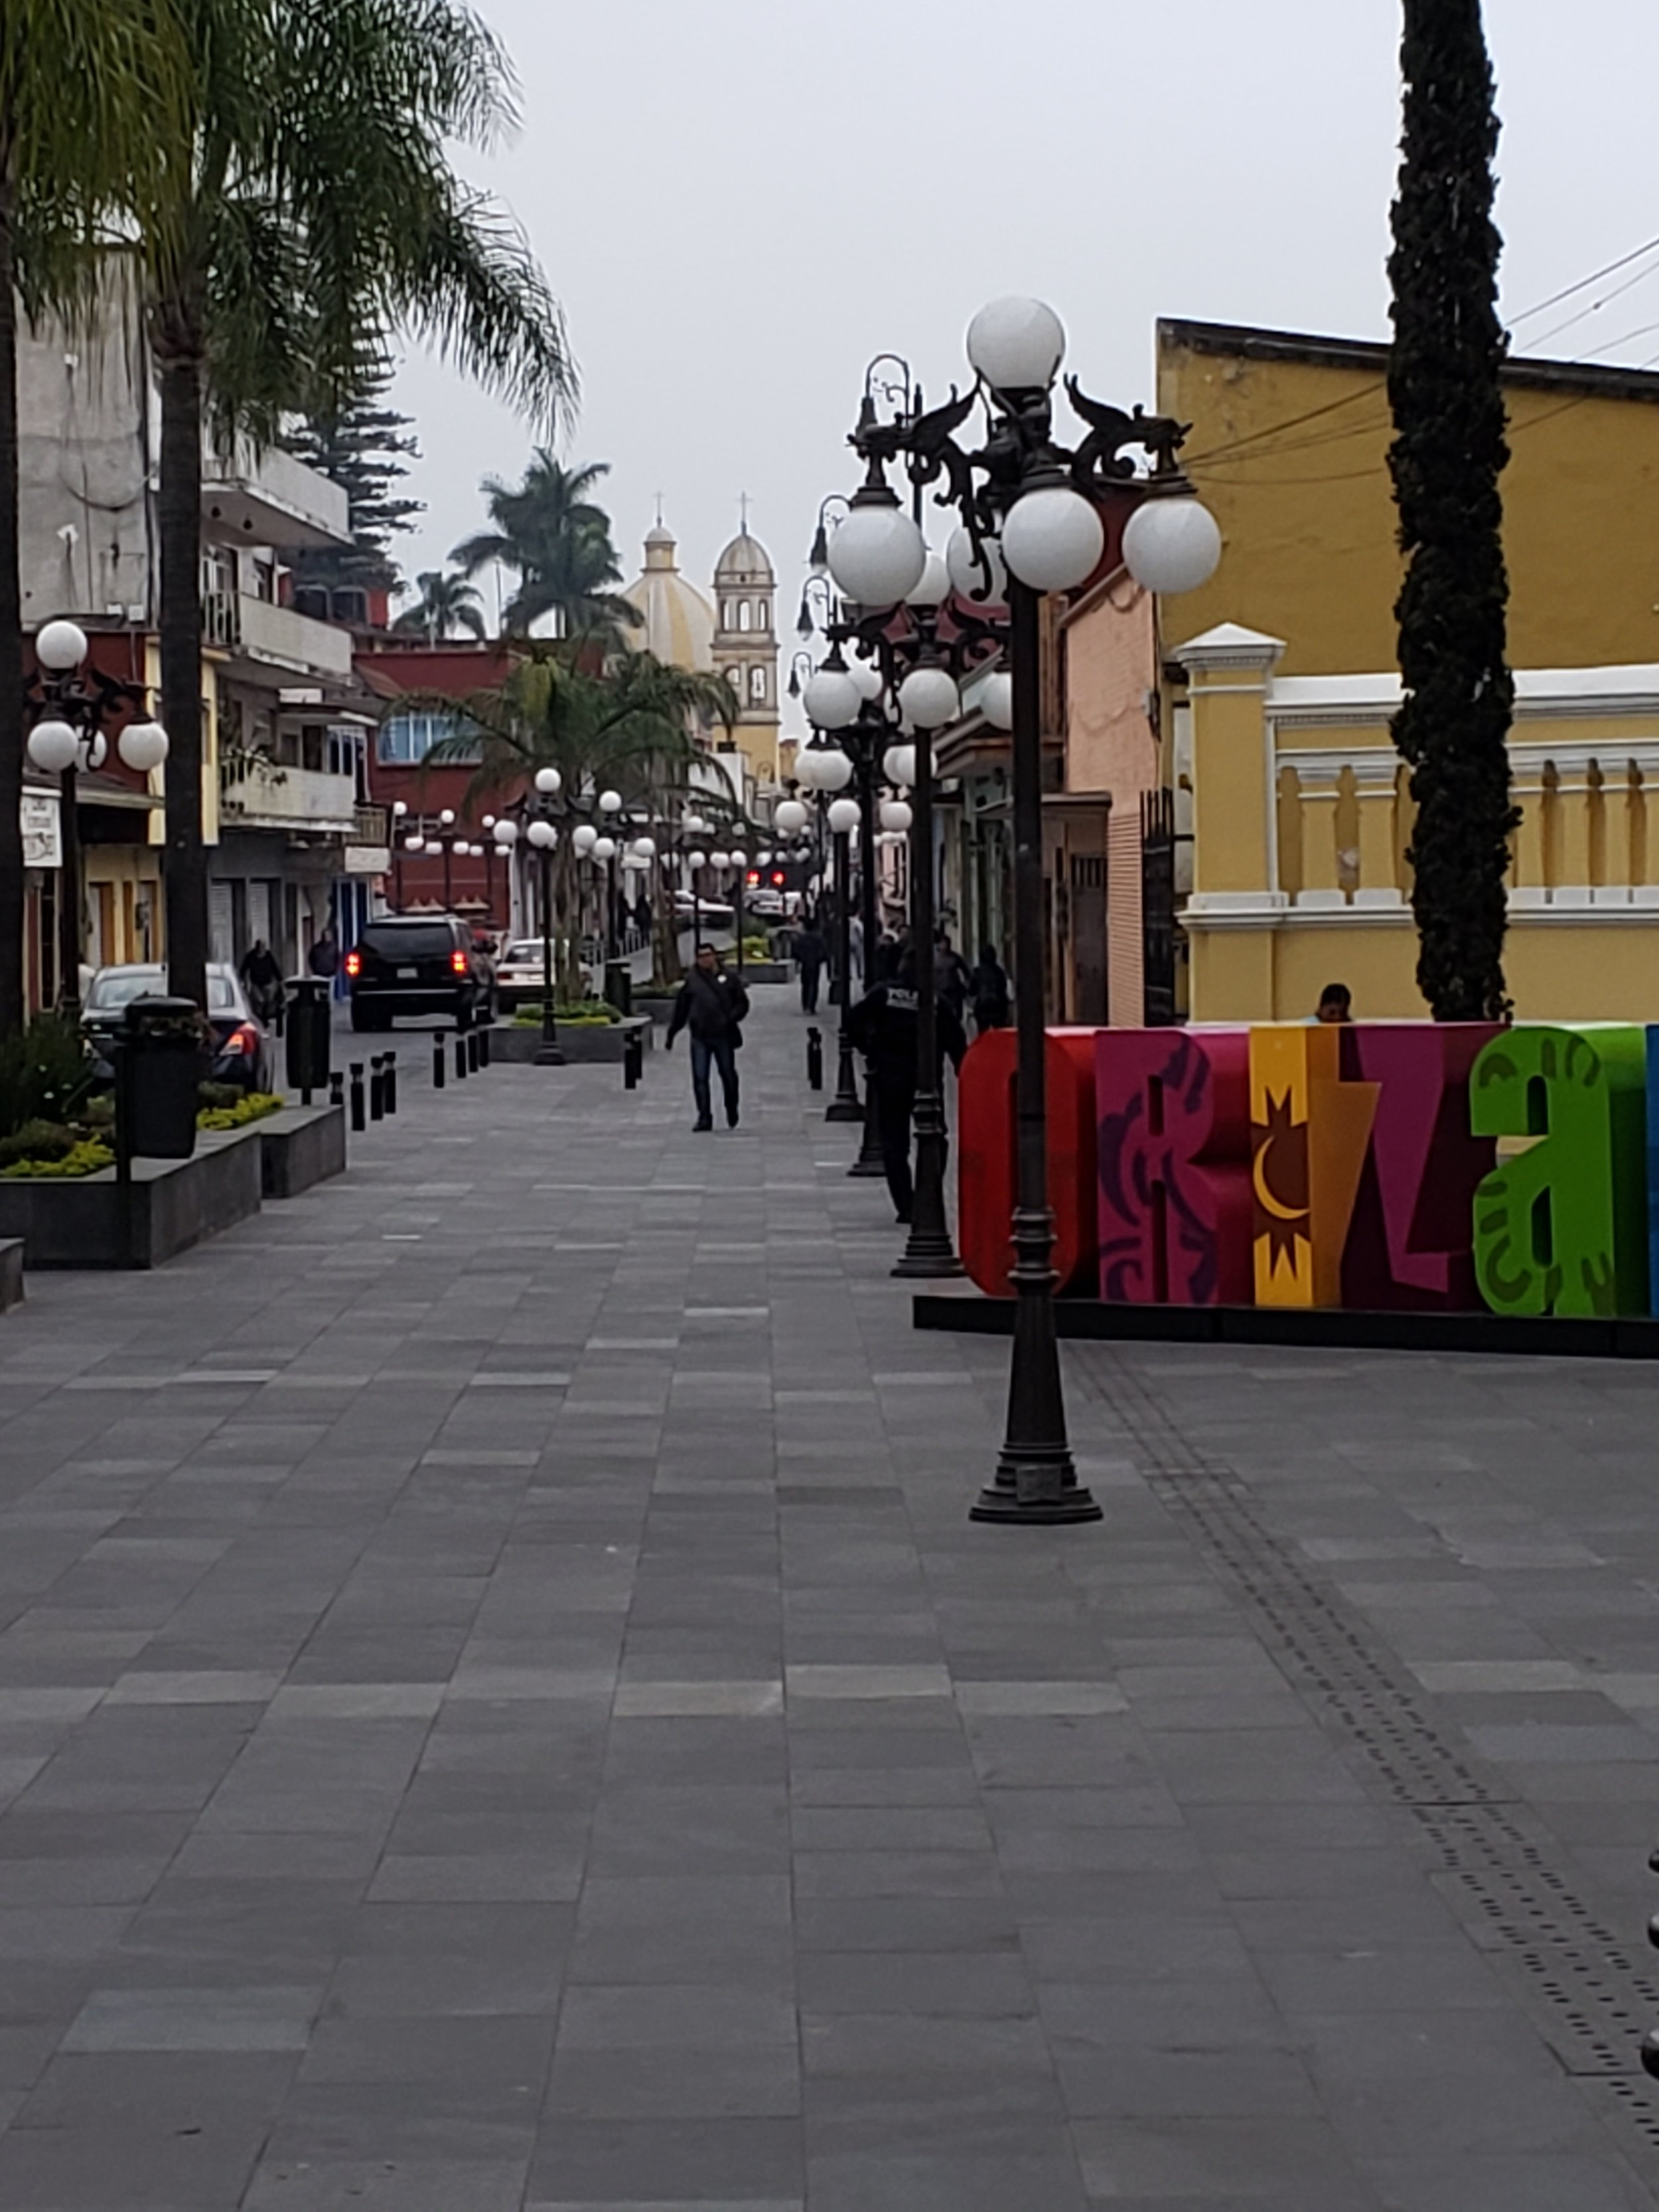 Street scene in Orizaba